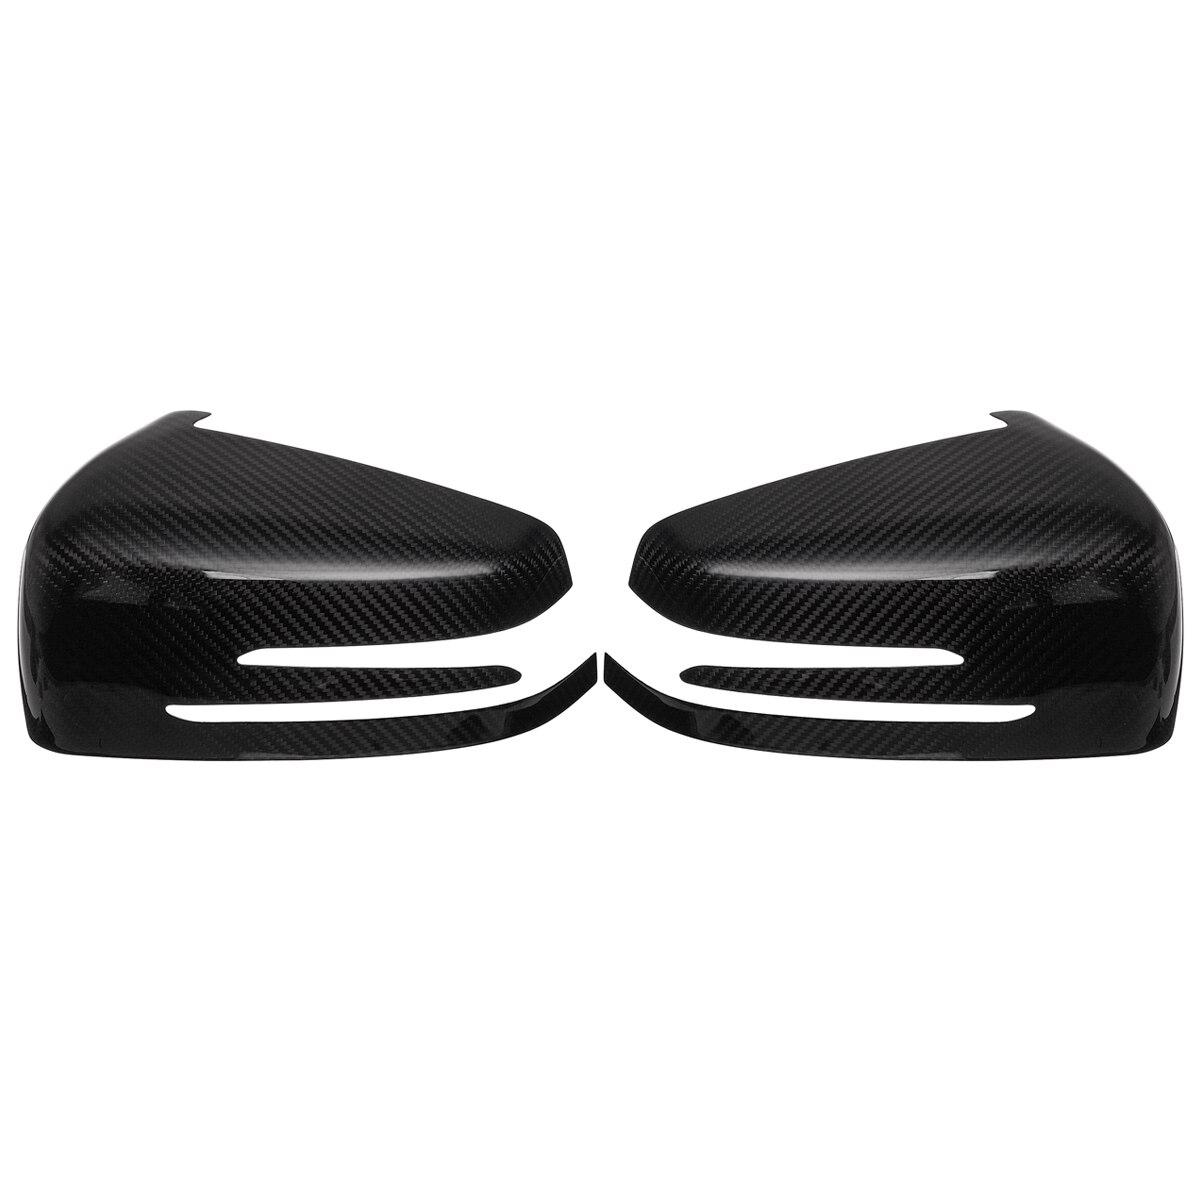 2 pièces véritable carbone Fieber pour Benz W204 C207 W212 C207 A207 W218 W221 A B C E classe noir rétroviseur couvercle du rétroviseur